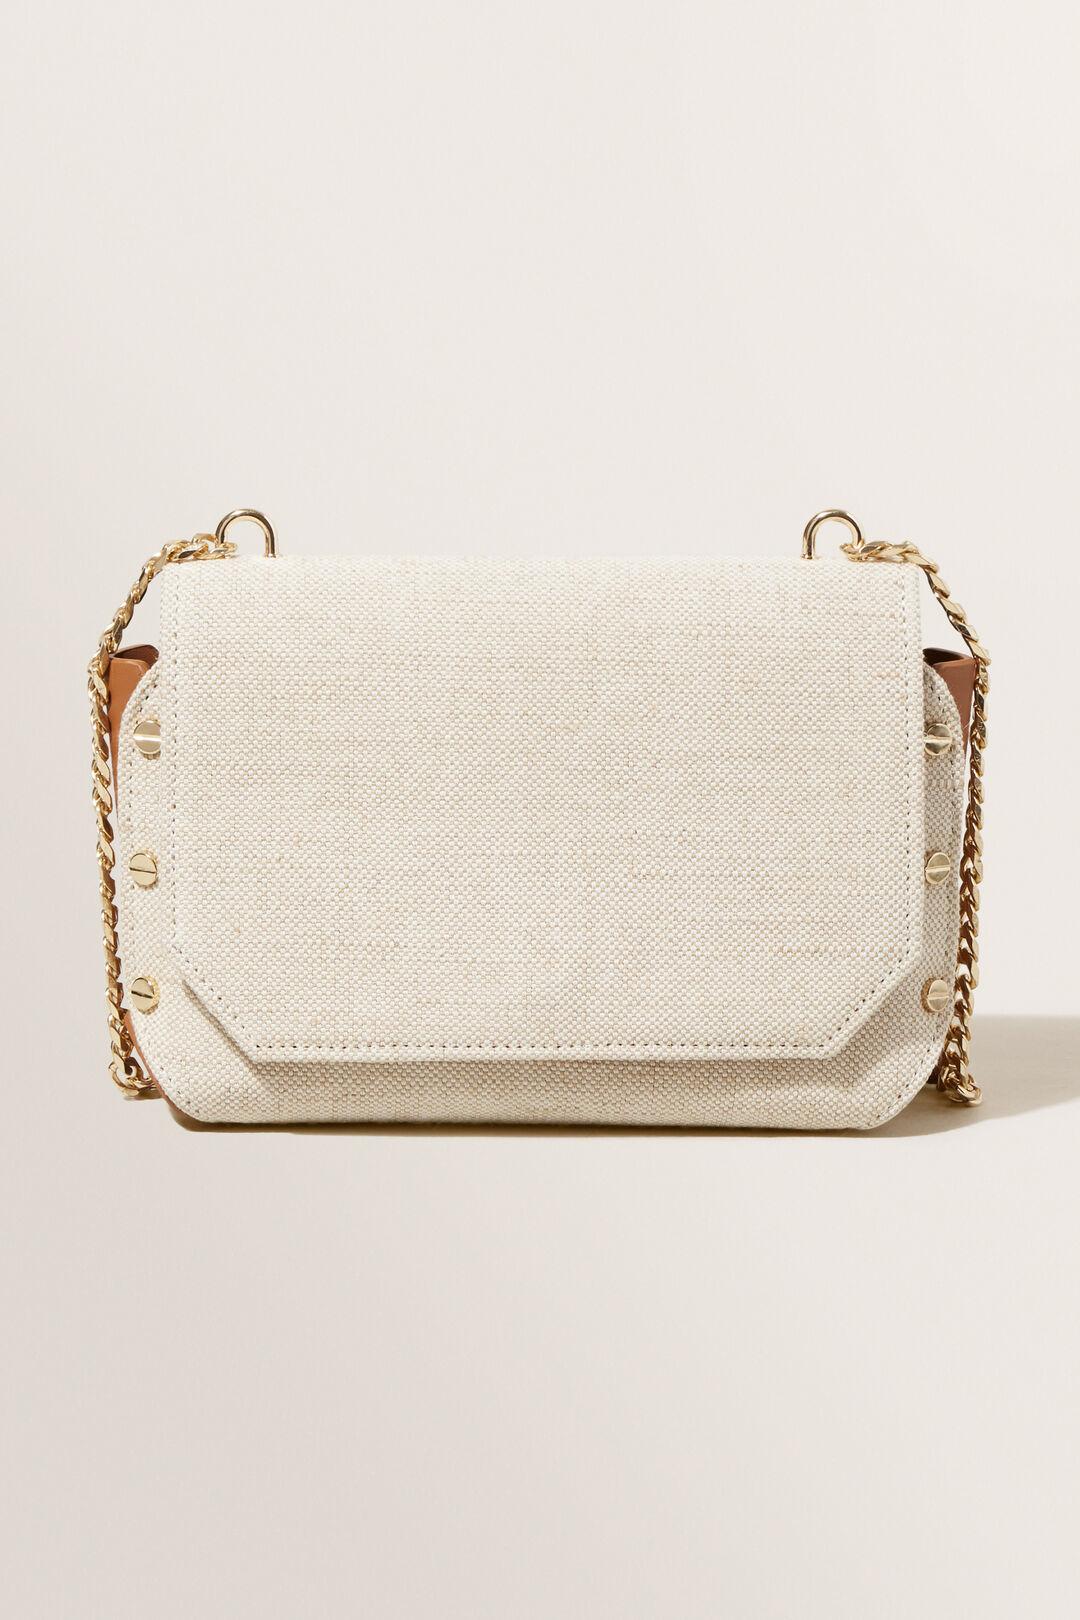 Chain Detail Sling Bag  Natural Tan  hi-res